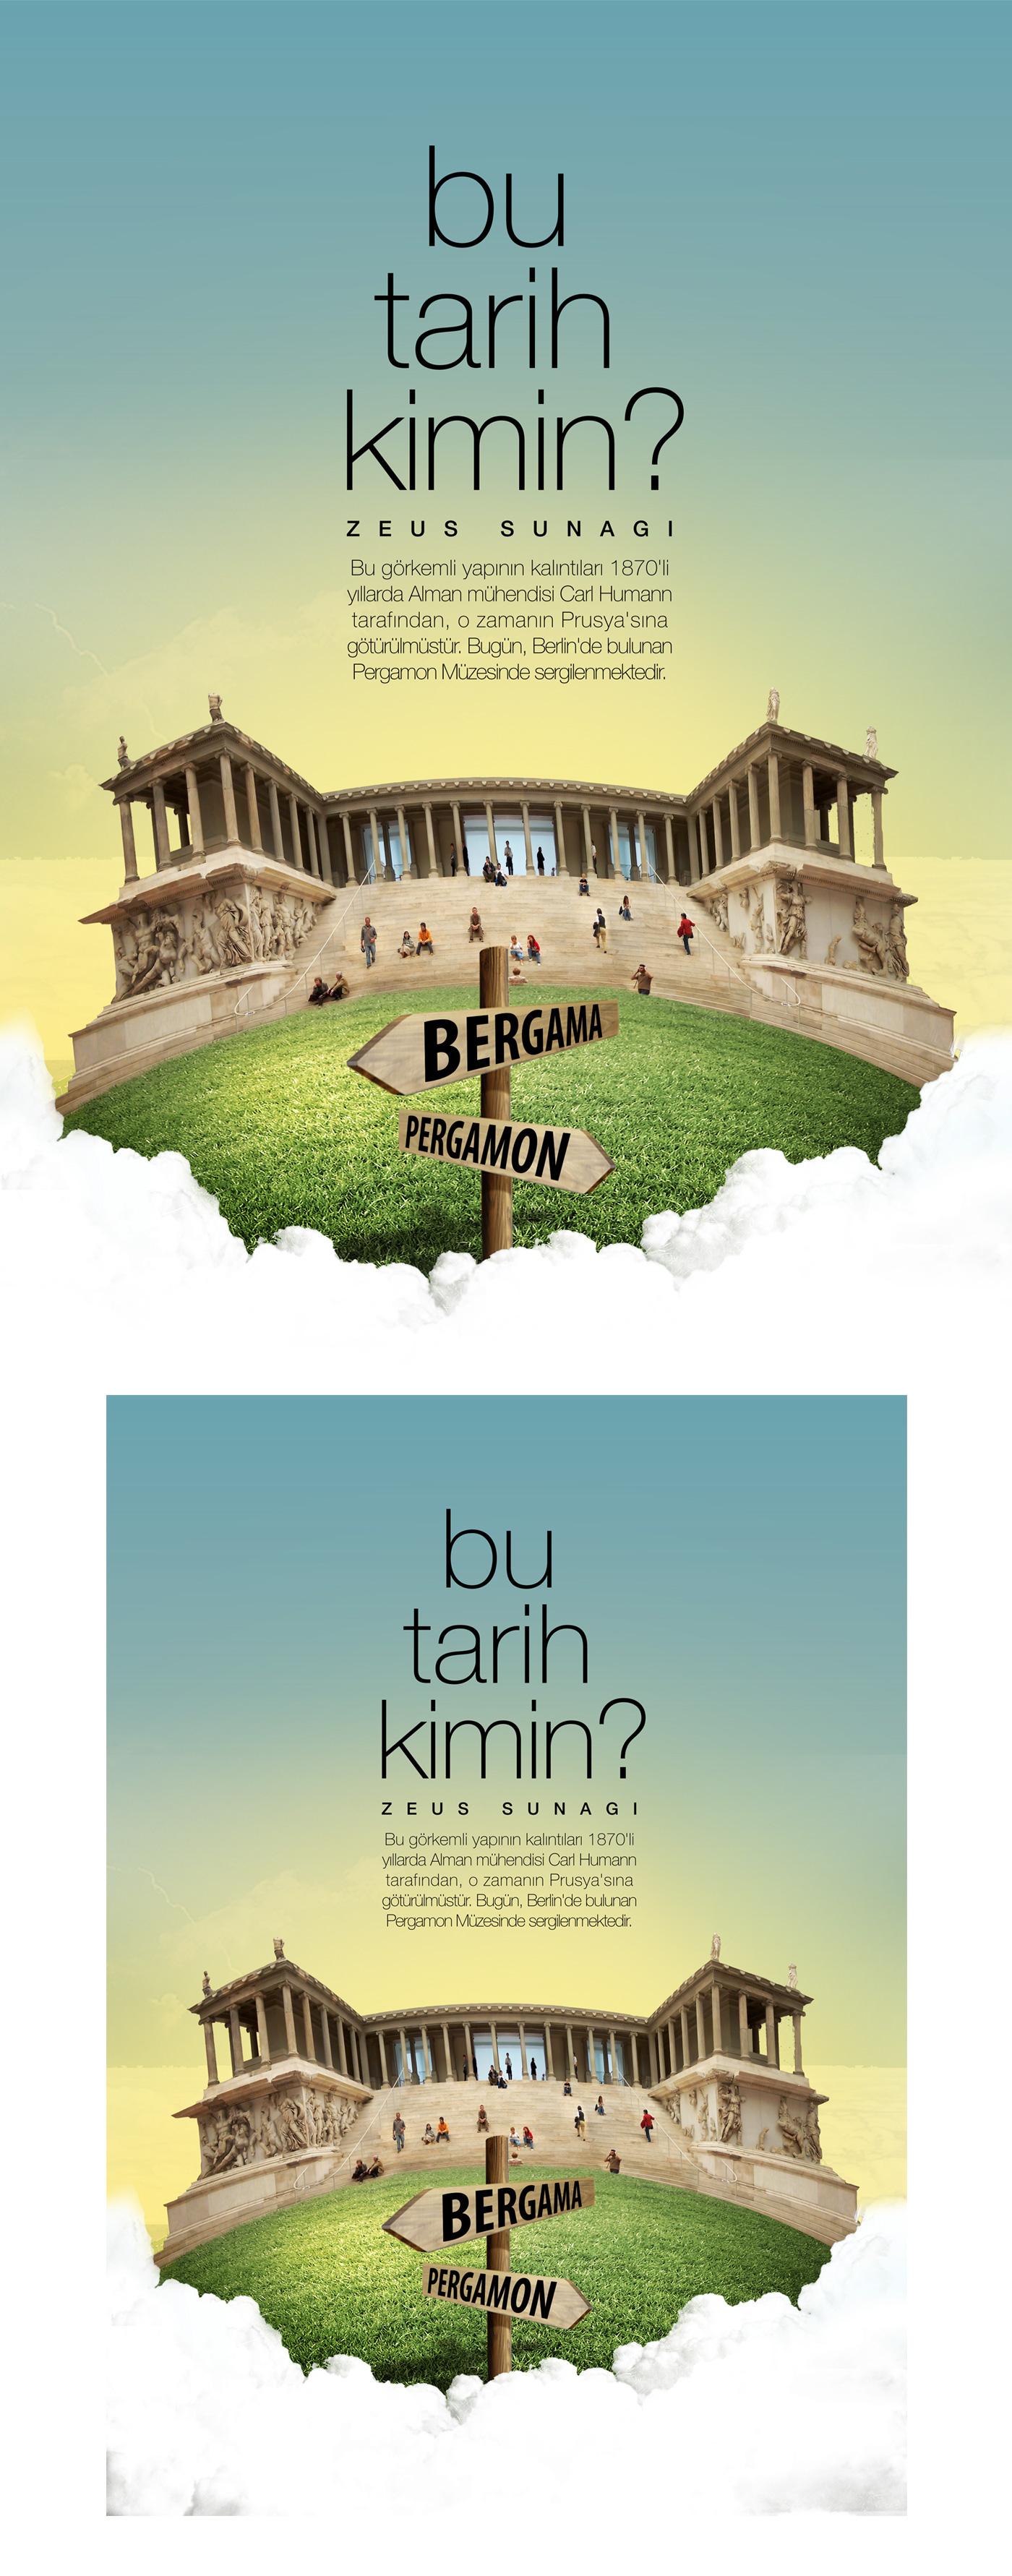 bu tarih kimin Bergama pergamon zeus poster hasan calp